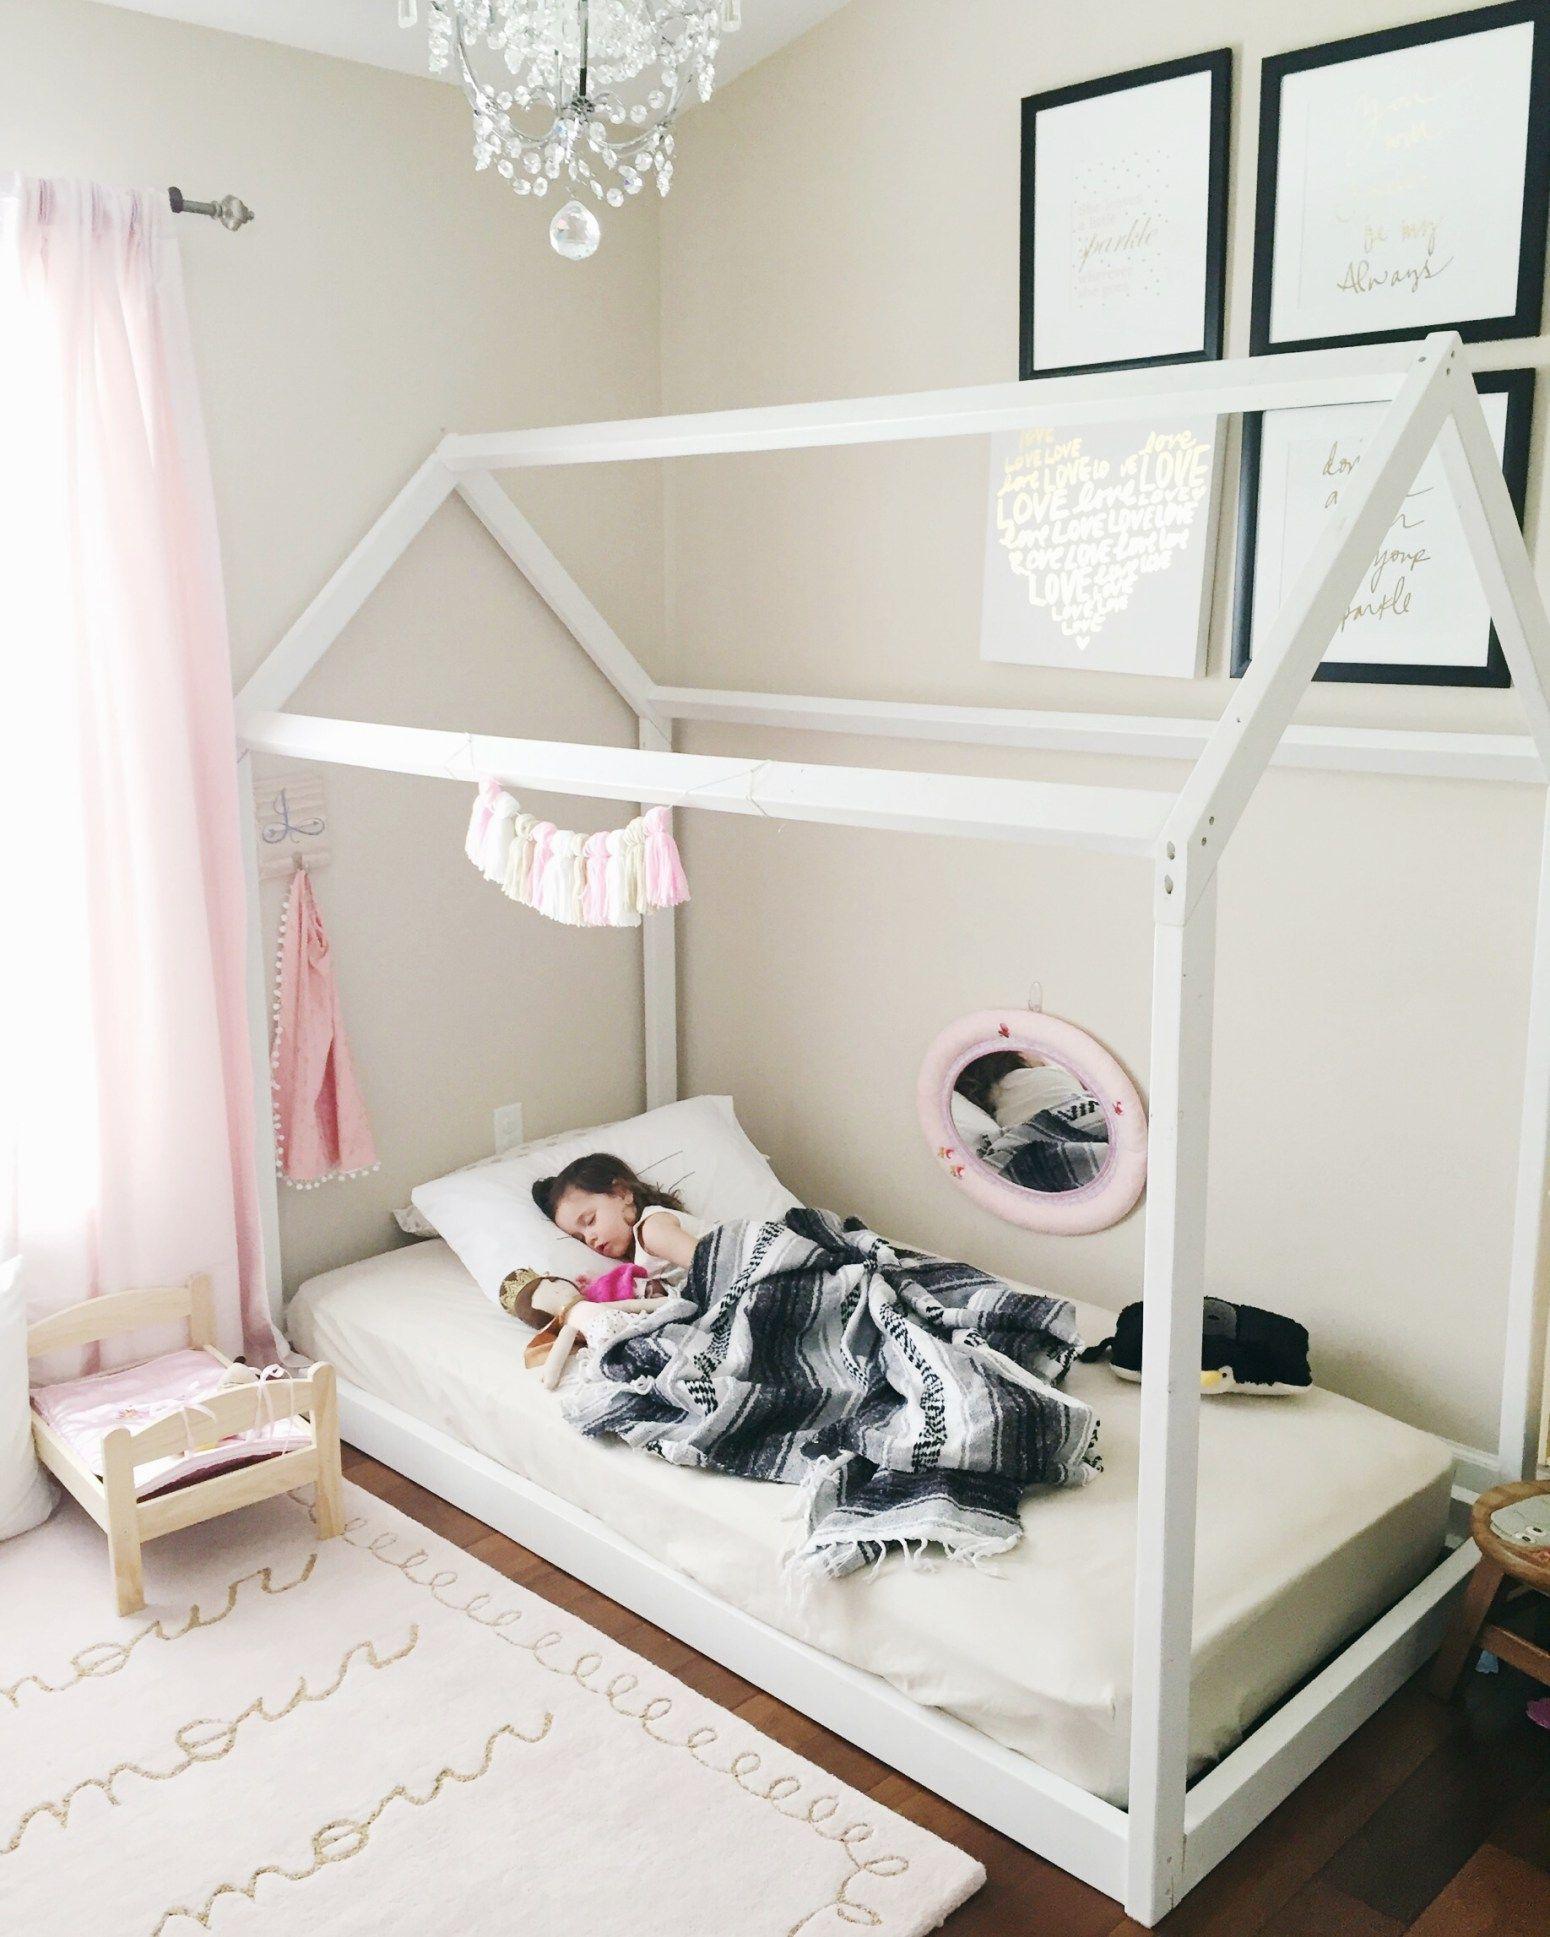 Diy House Frame Floor Bed Plan Met Afbeeldingen Kinderkamer Bed Montessori